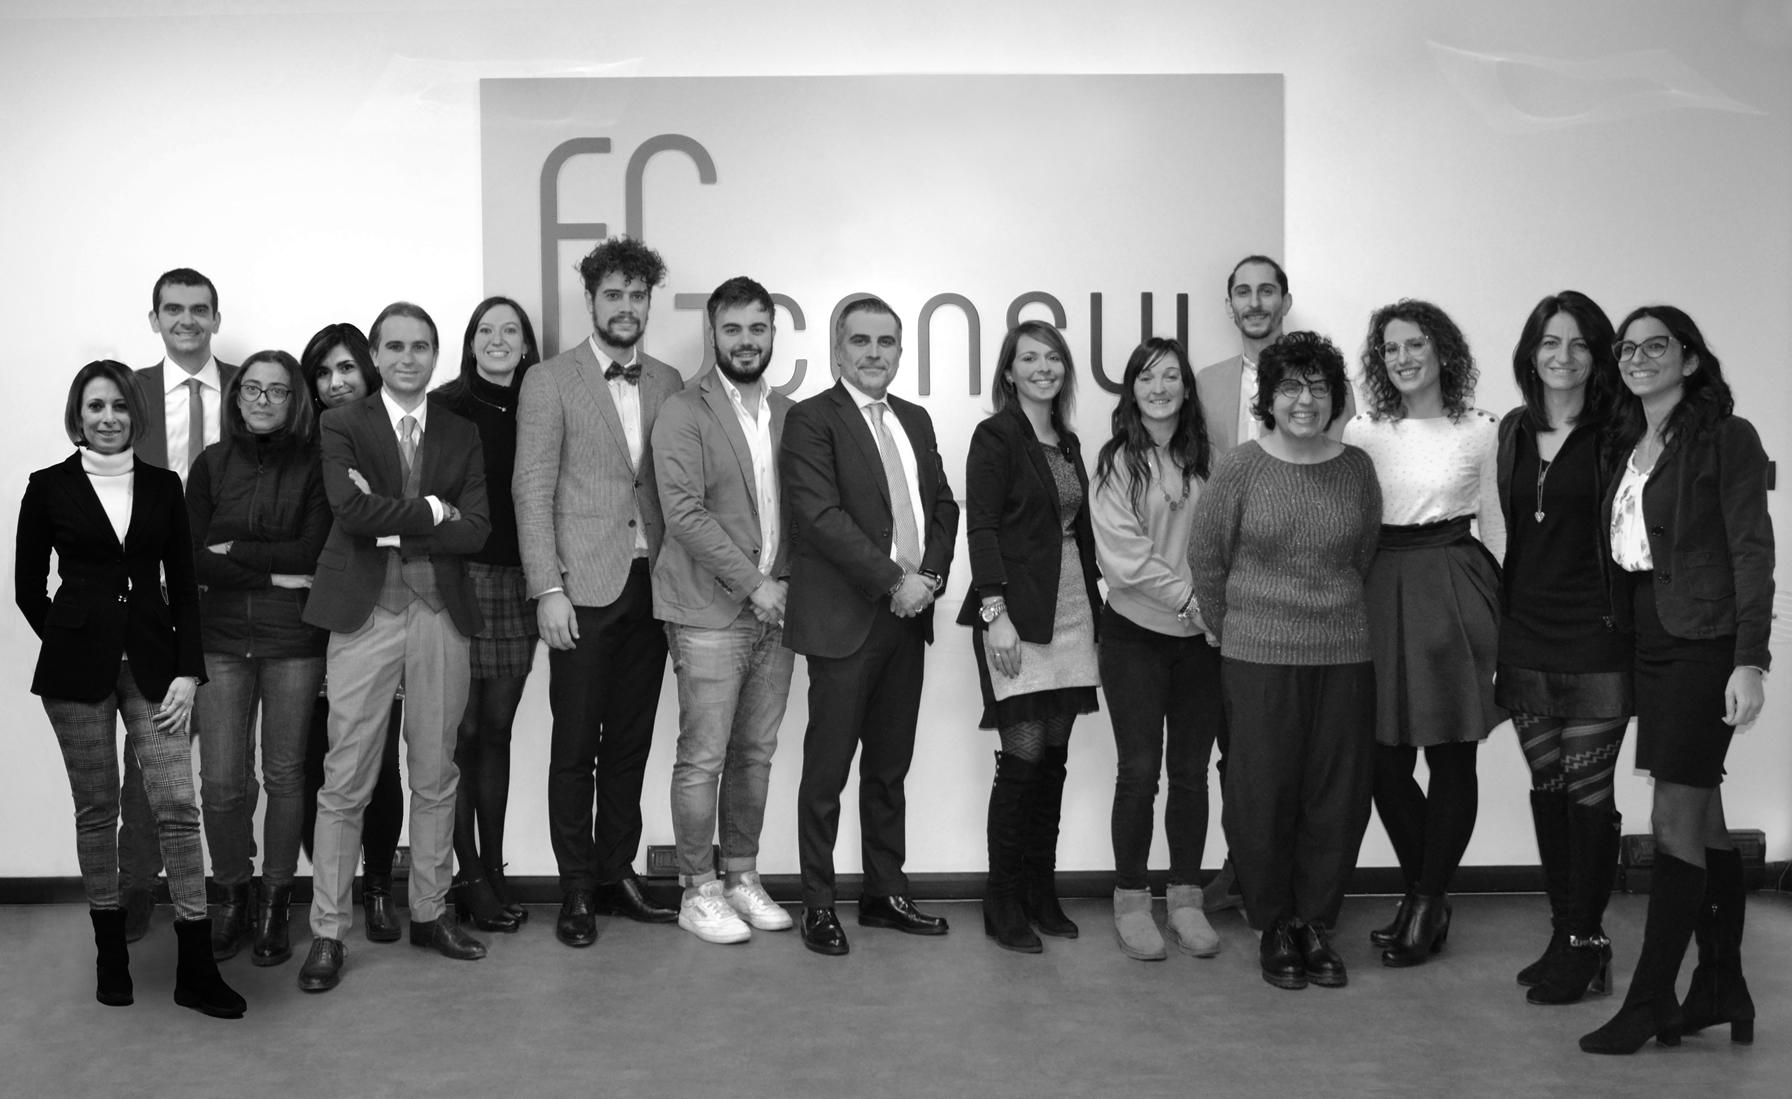 fg consul team